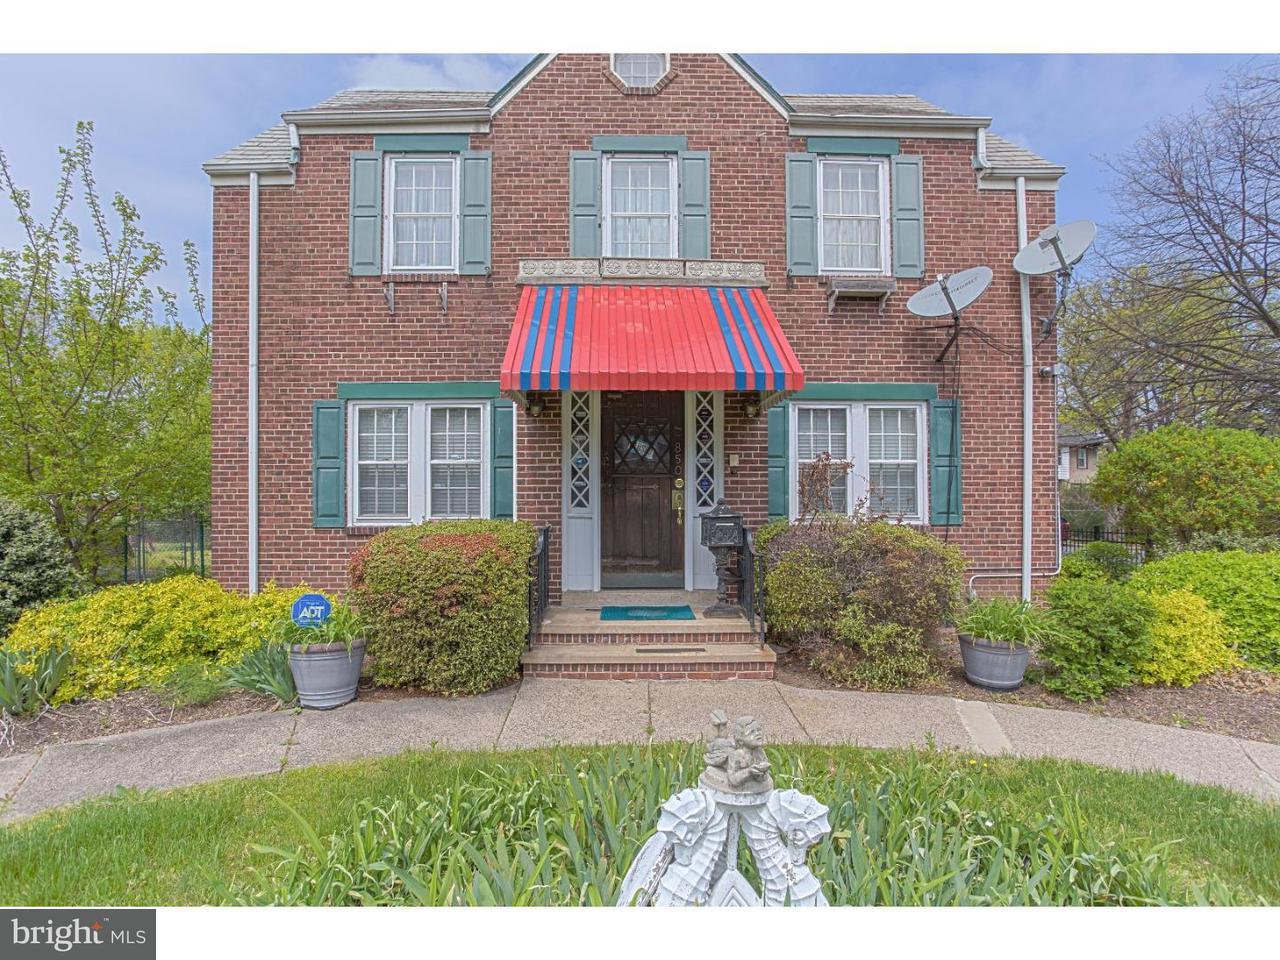 Casa Unifamiliar por un Venta en 850 HAMILTON Avenue Trenton, Nueva Jersey 08629 Estados UnidosEn/Alrededor: Trenton City